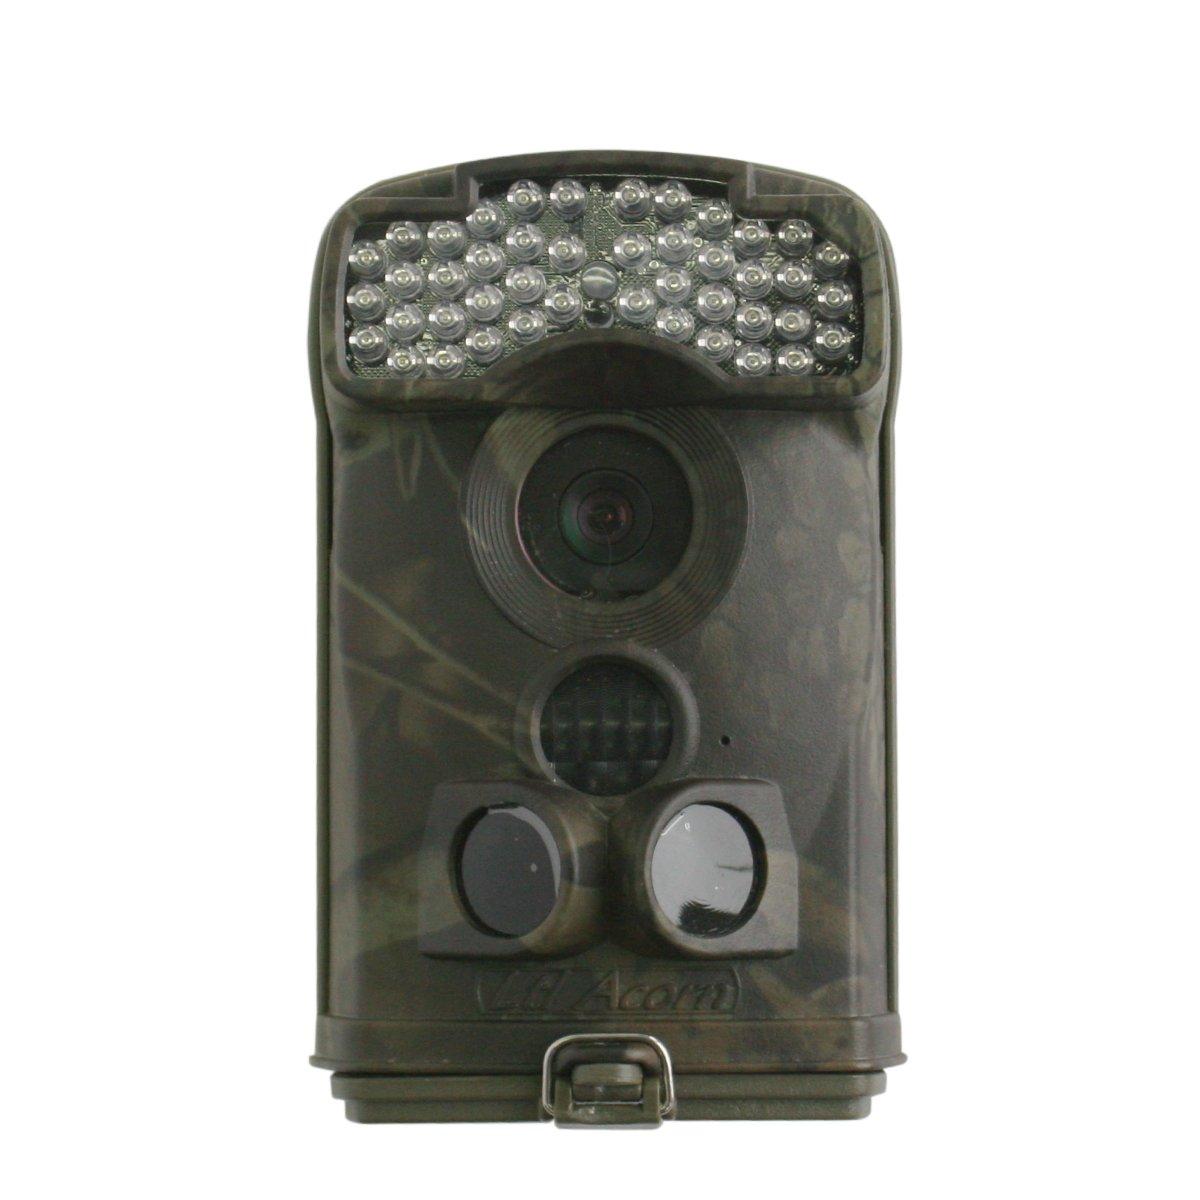 開店祝い LTL-ACORN トレイルカメラ 広角レンズ 1200万画素 広角レンズ グロータイプ Ltl-6310WMC 850NM B018TOEN5G 850NM B018TOEN5G, フェスティバルプラザ:1ba4fd94 --- a0267596.xsph.ru